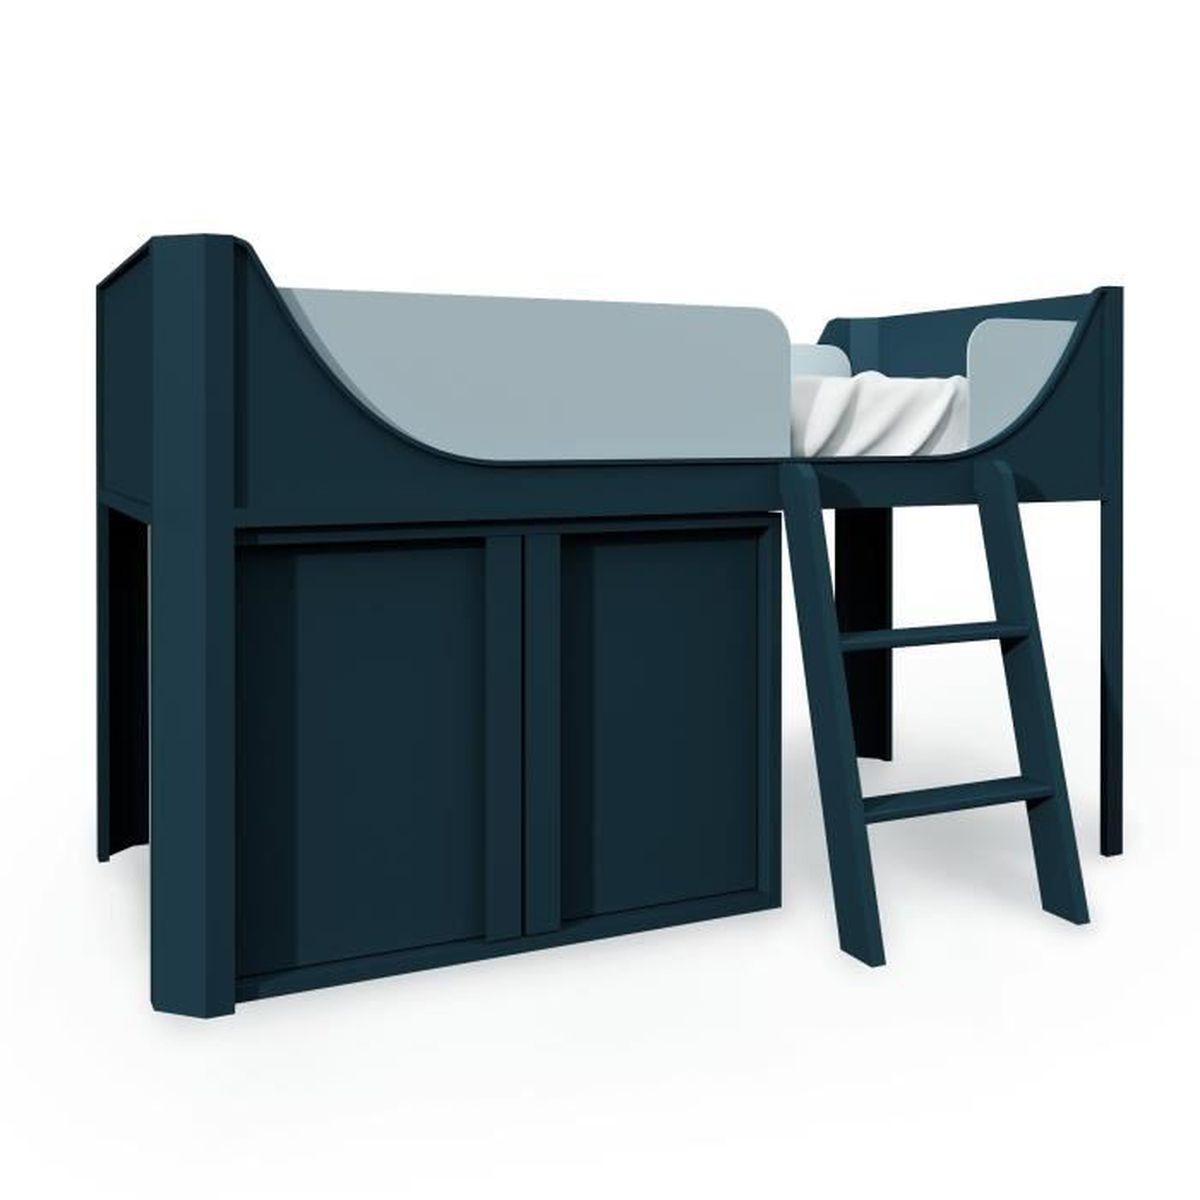 Lit Mezzanine Avec Rangement Pas Cher lit mezzanine mi-haut avec rangement en bois bleu thimeo 90 x 190 cm